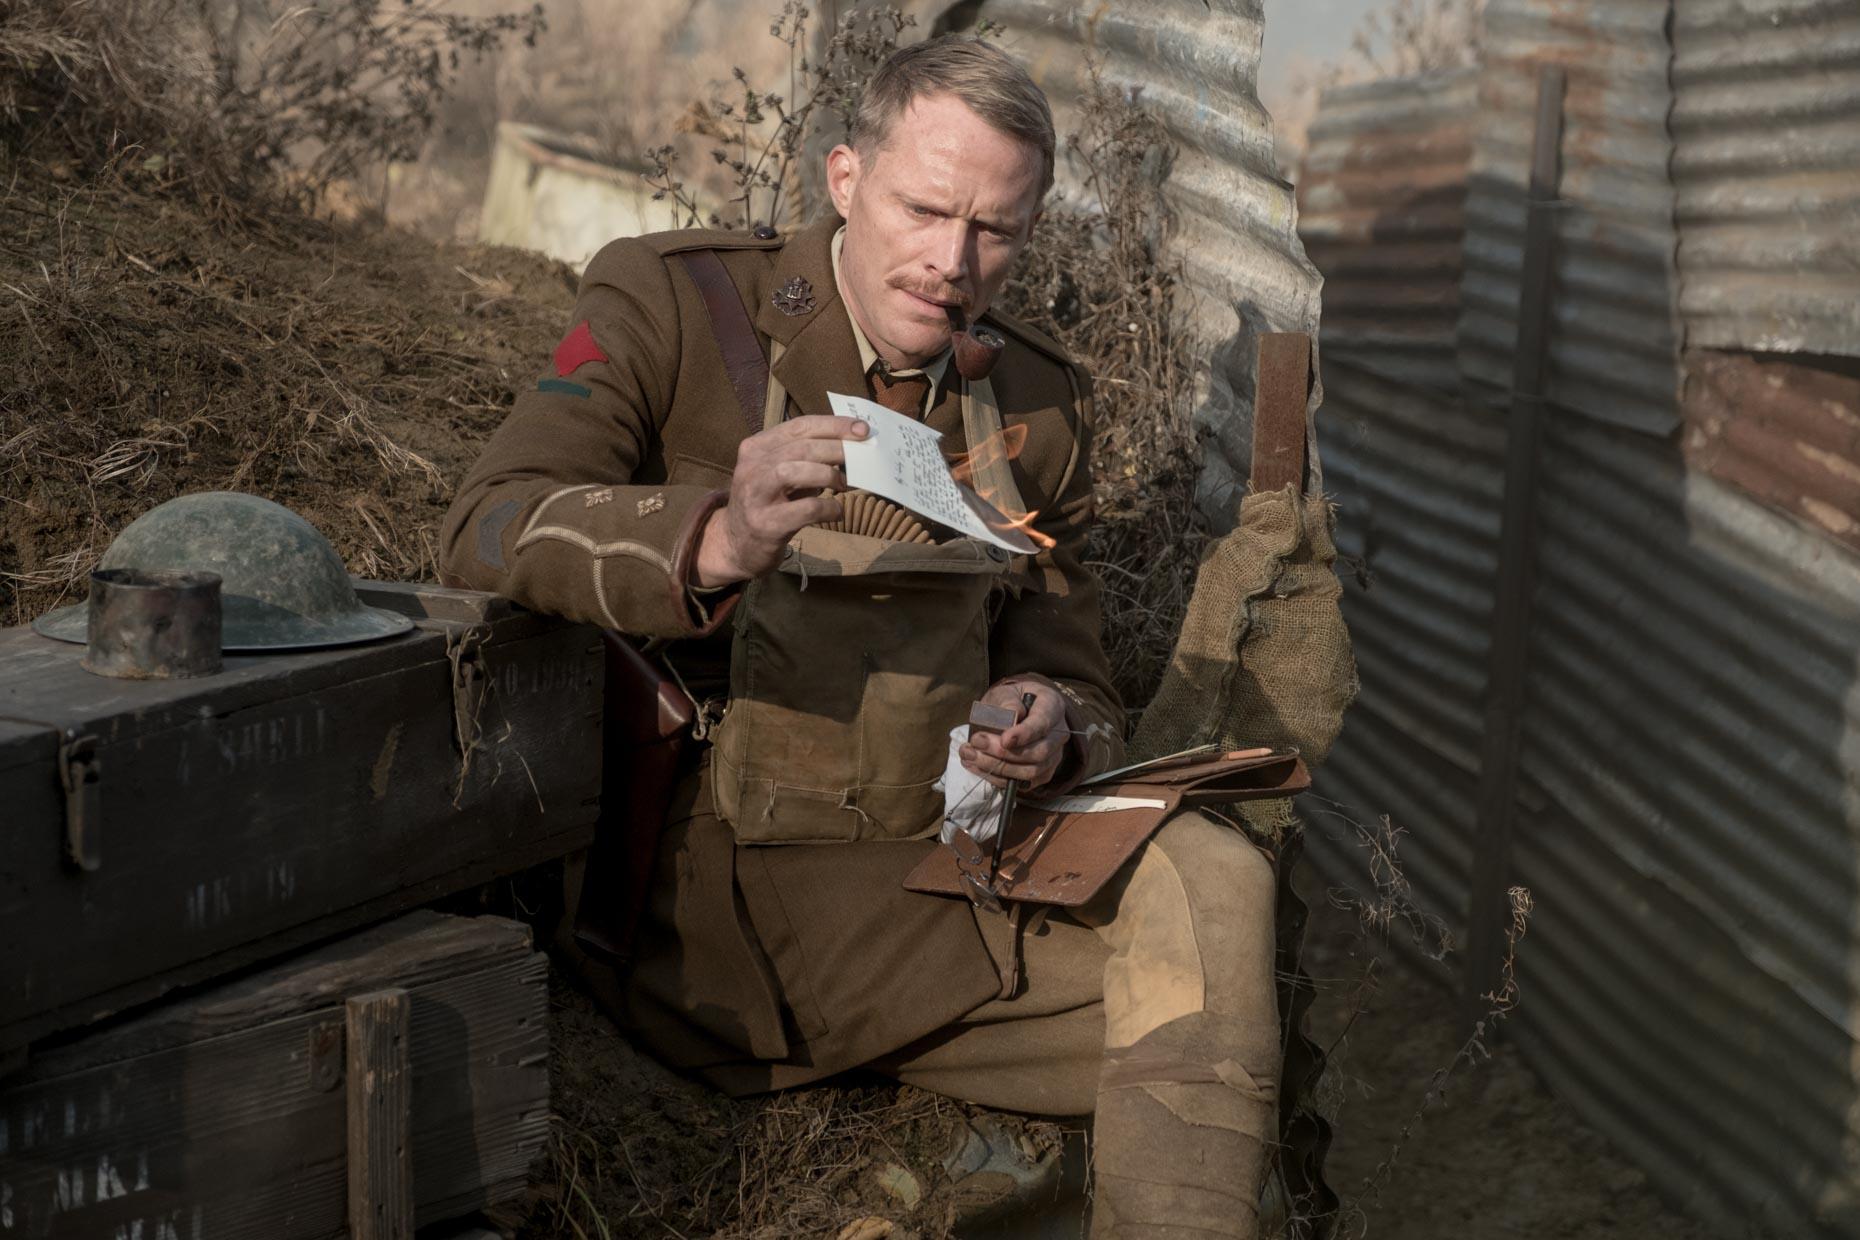 《決戰最前線》山姆克萊弗林慶幸終於參演 入選全球百大帥哥前20名英男星還原一戰永恆傷害